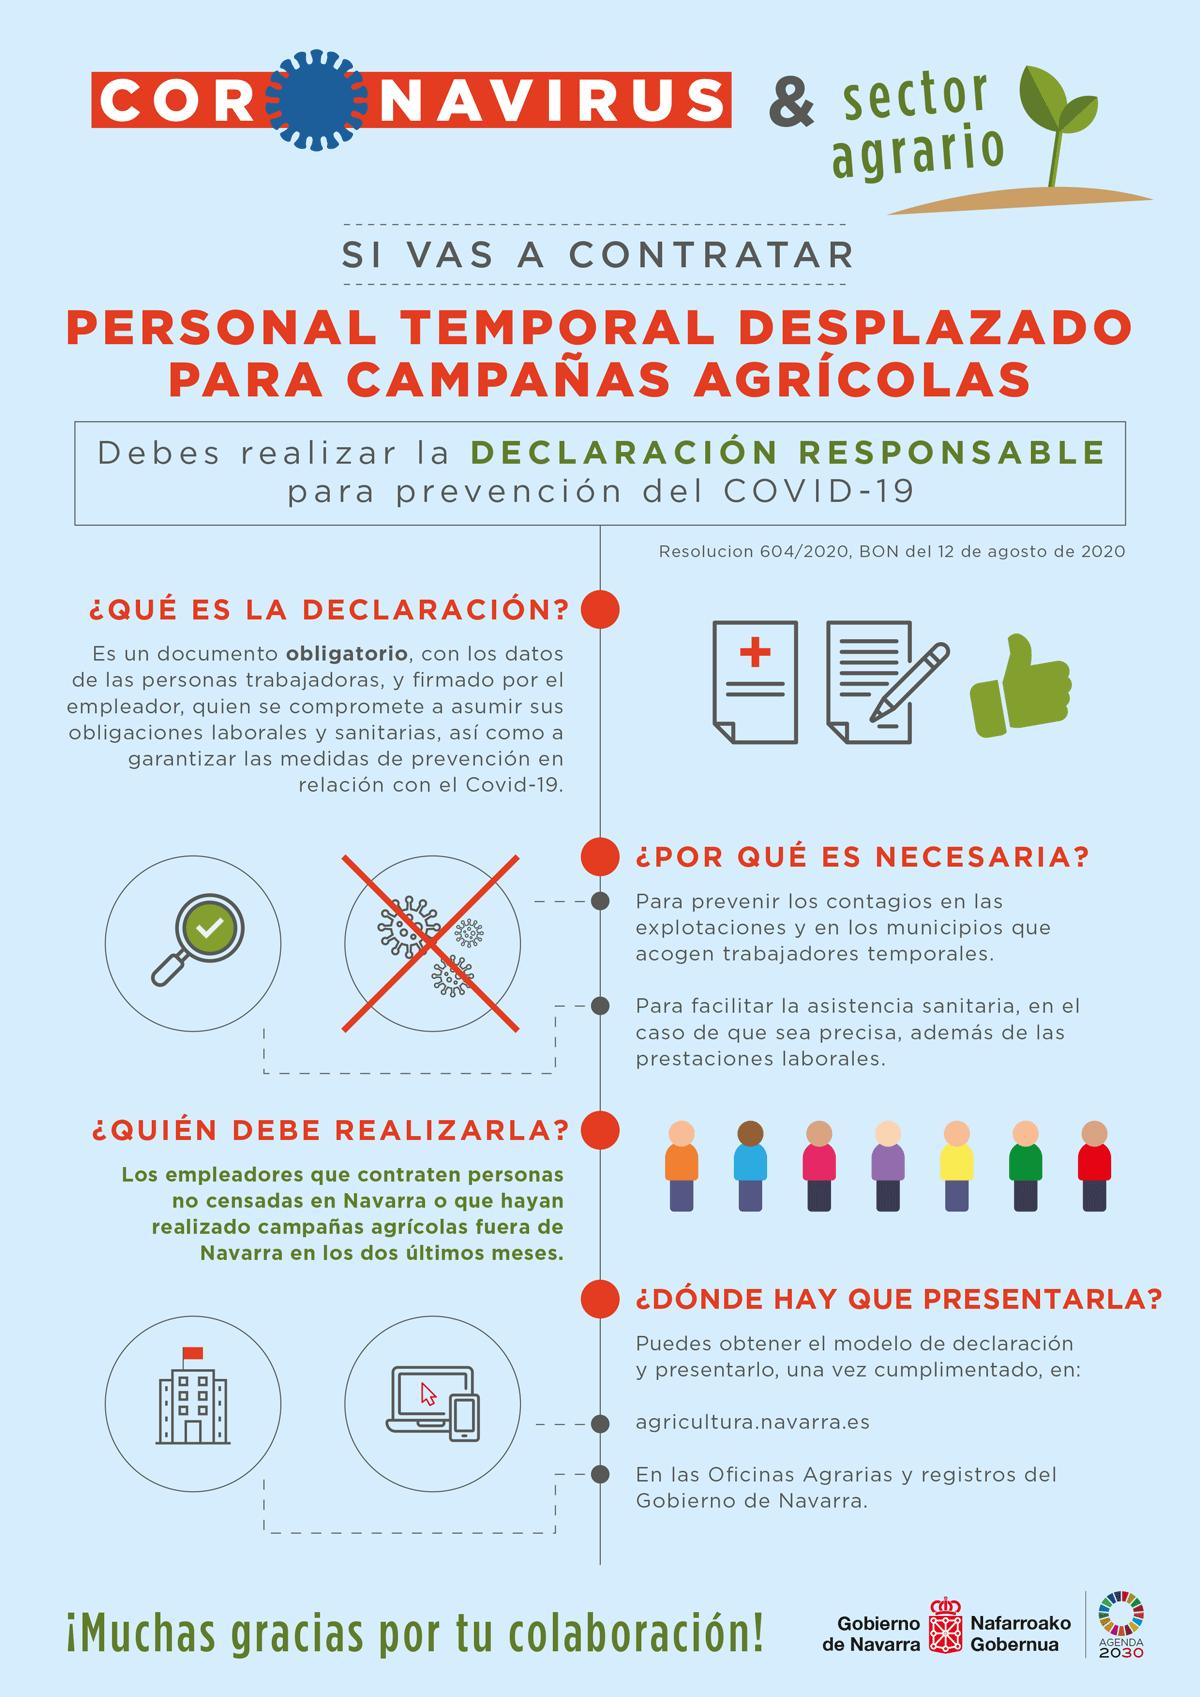 El Gobierno de Navarra realizará charlas informativas sobre la contratación de temporeros para hacer frente al COVID-19